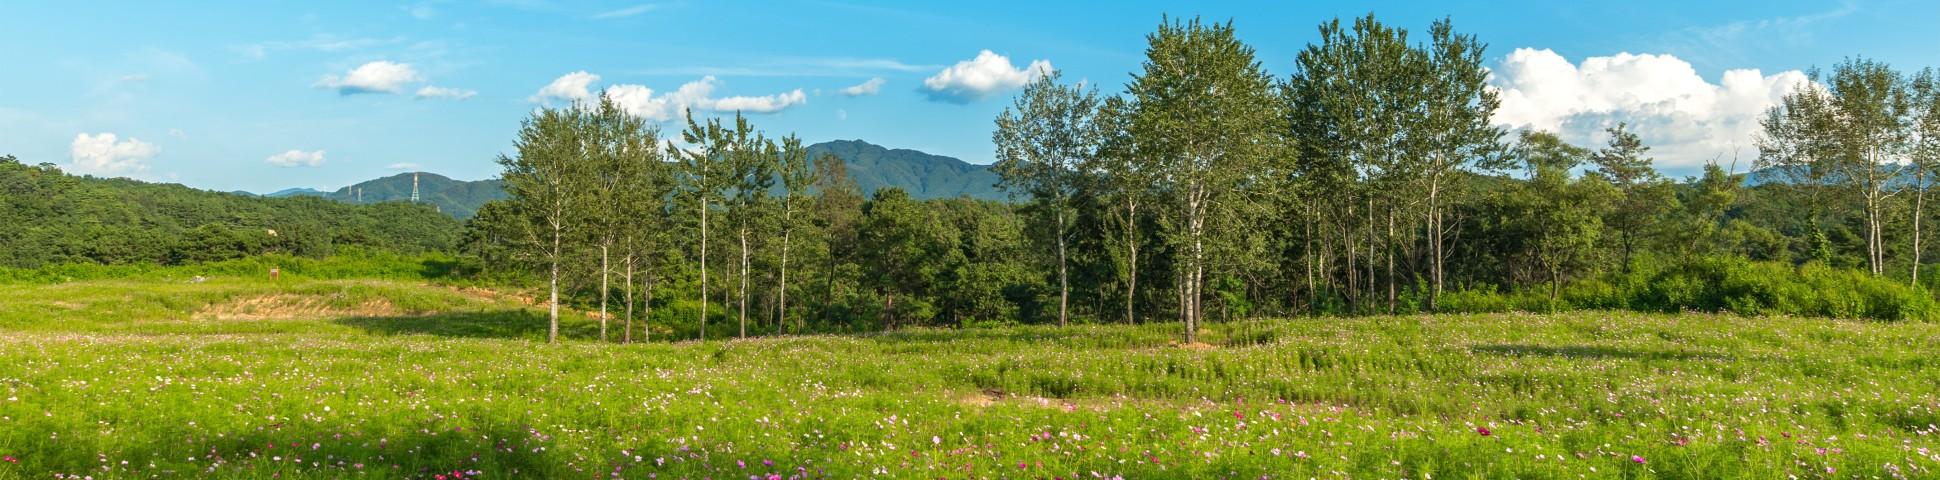 Lush green fields in Gangwon-do (South Korea)